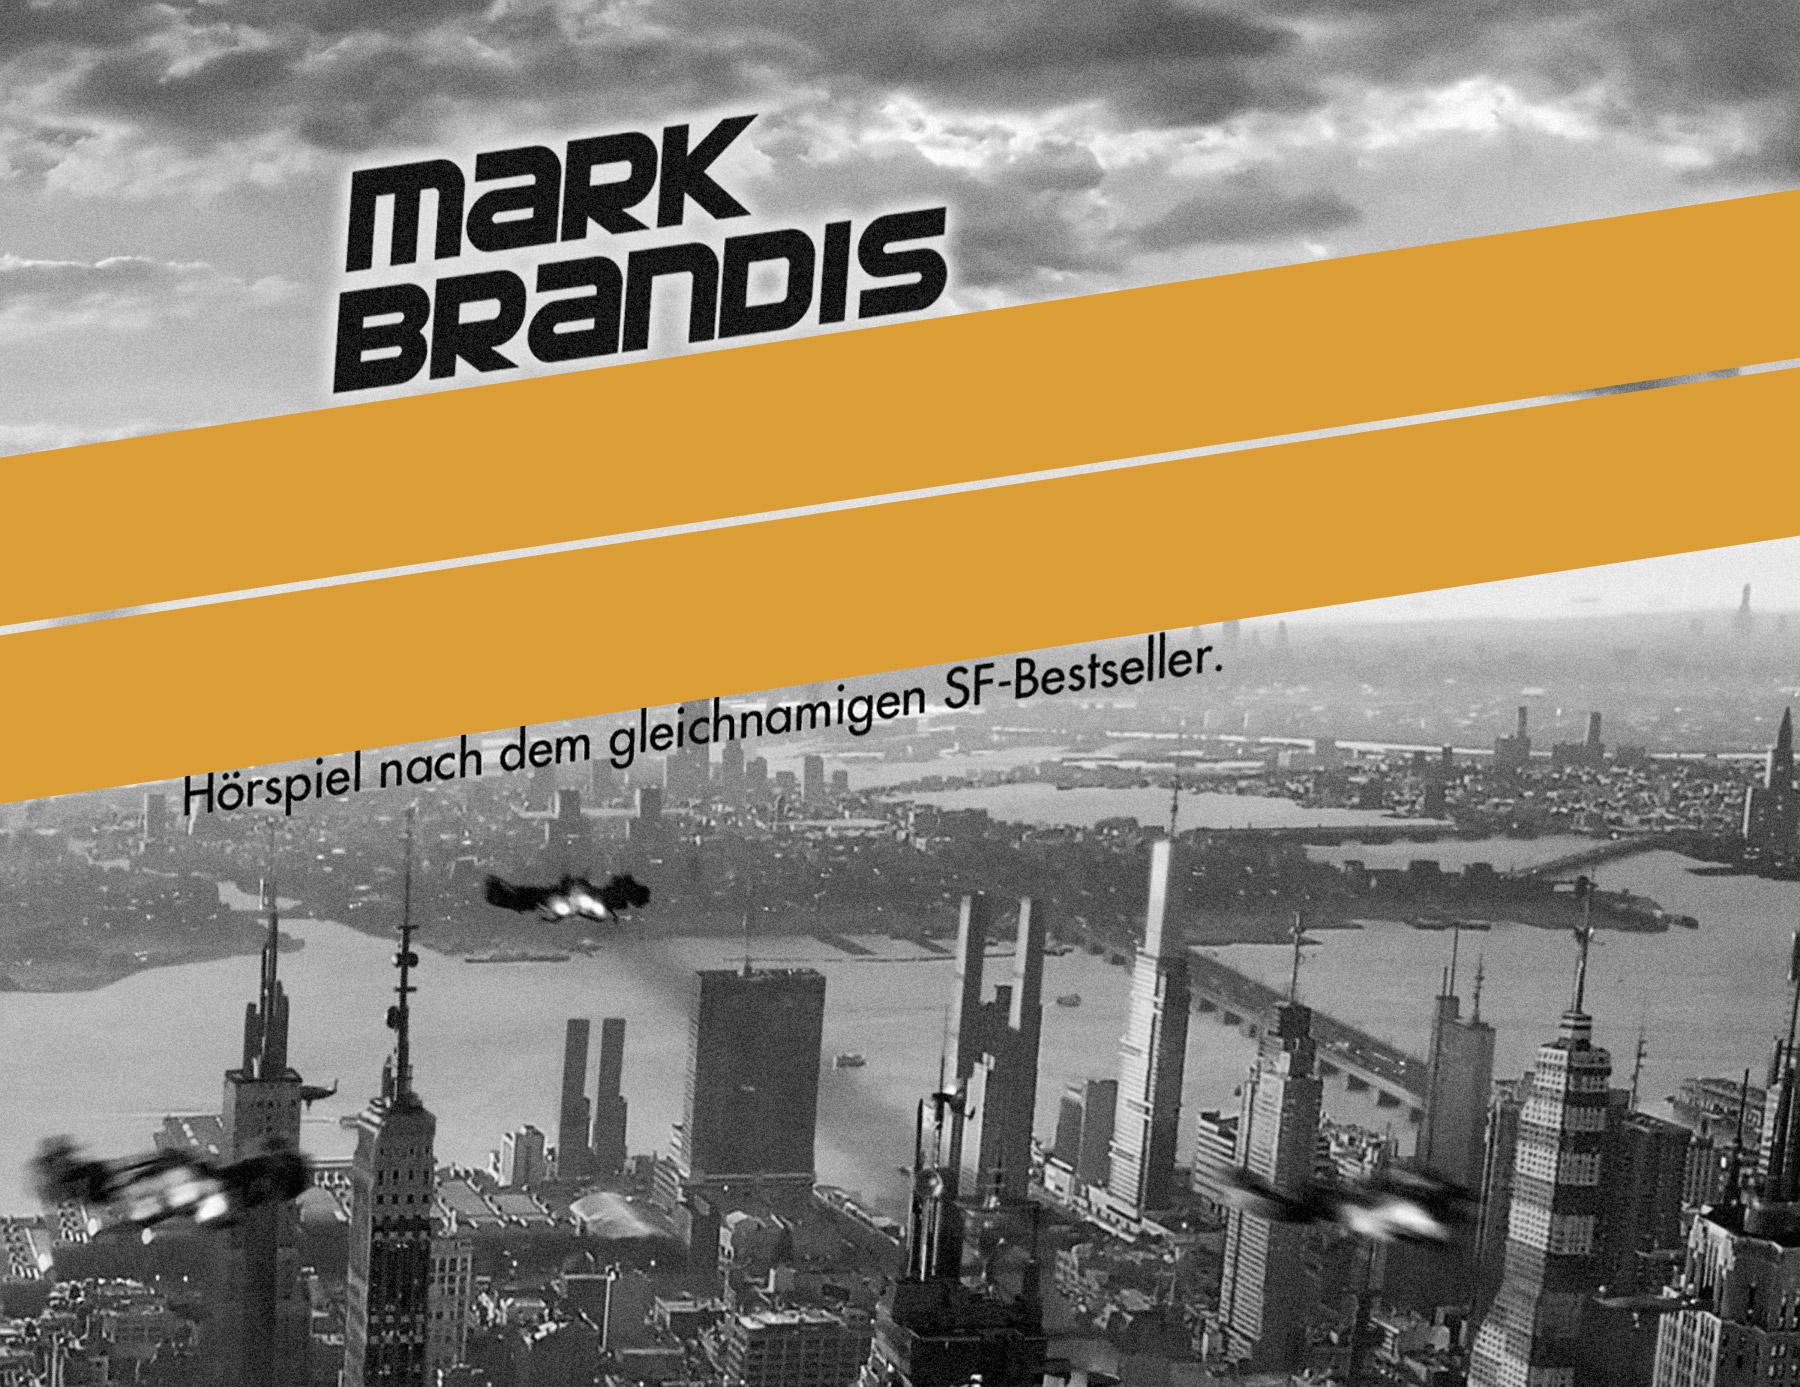 Mark Brandis für den Hörspielpreis Ohrkanus nominiert